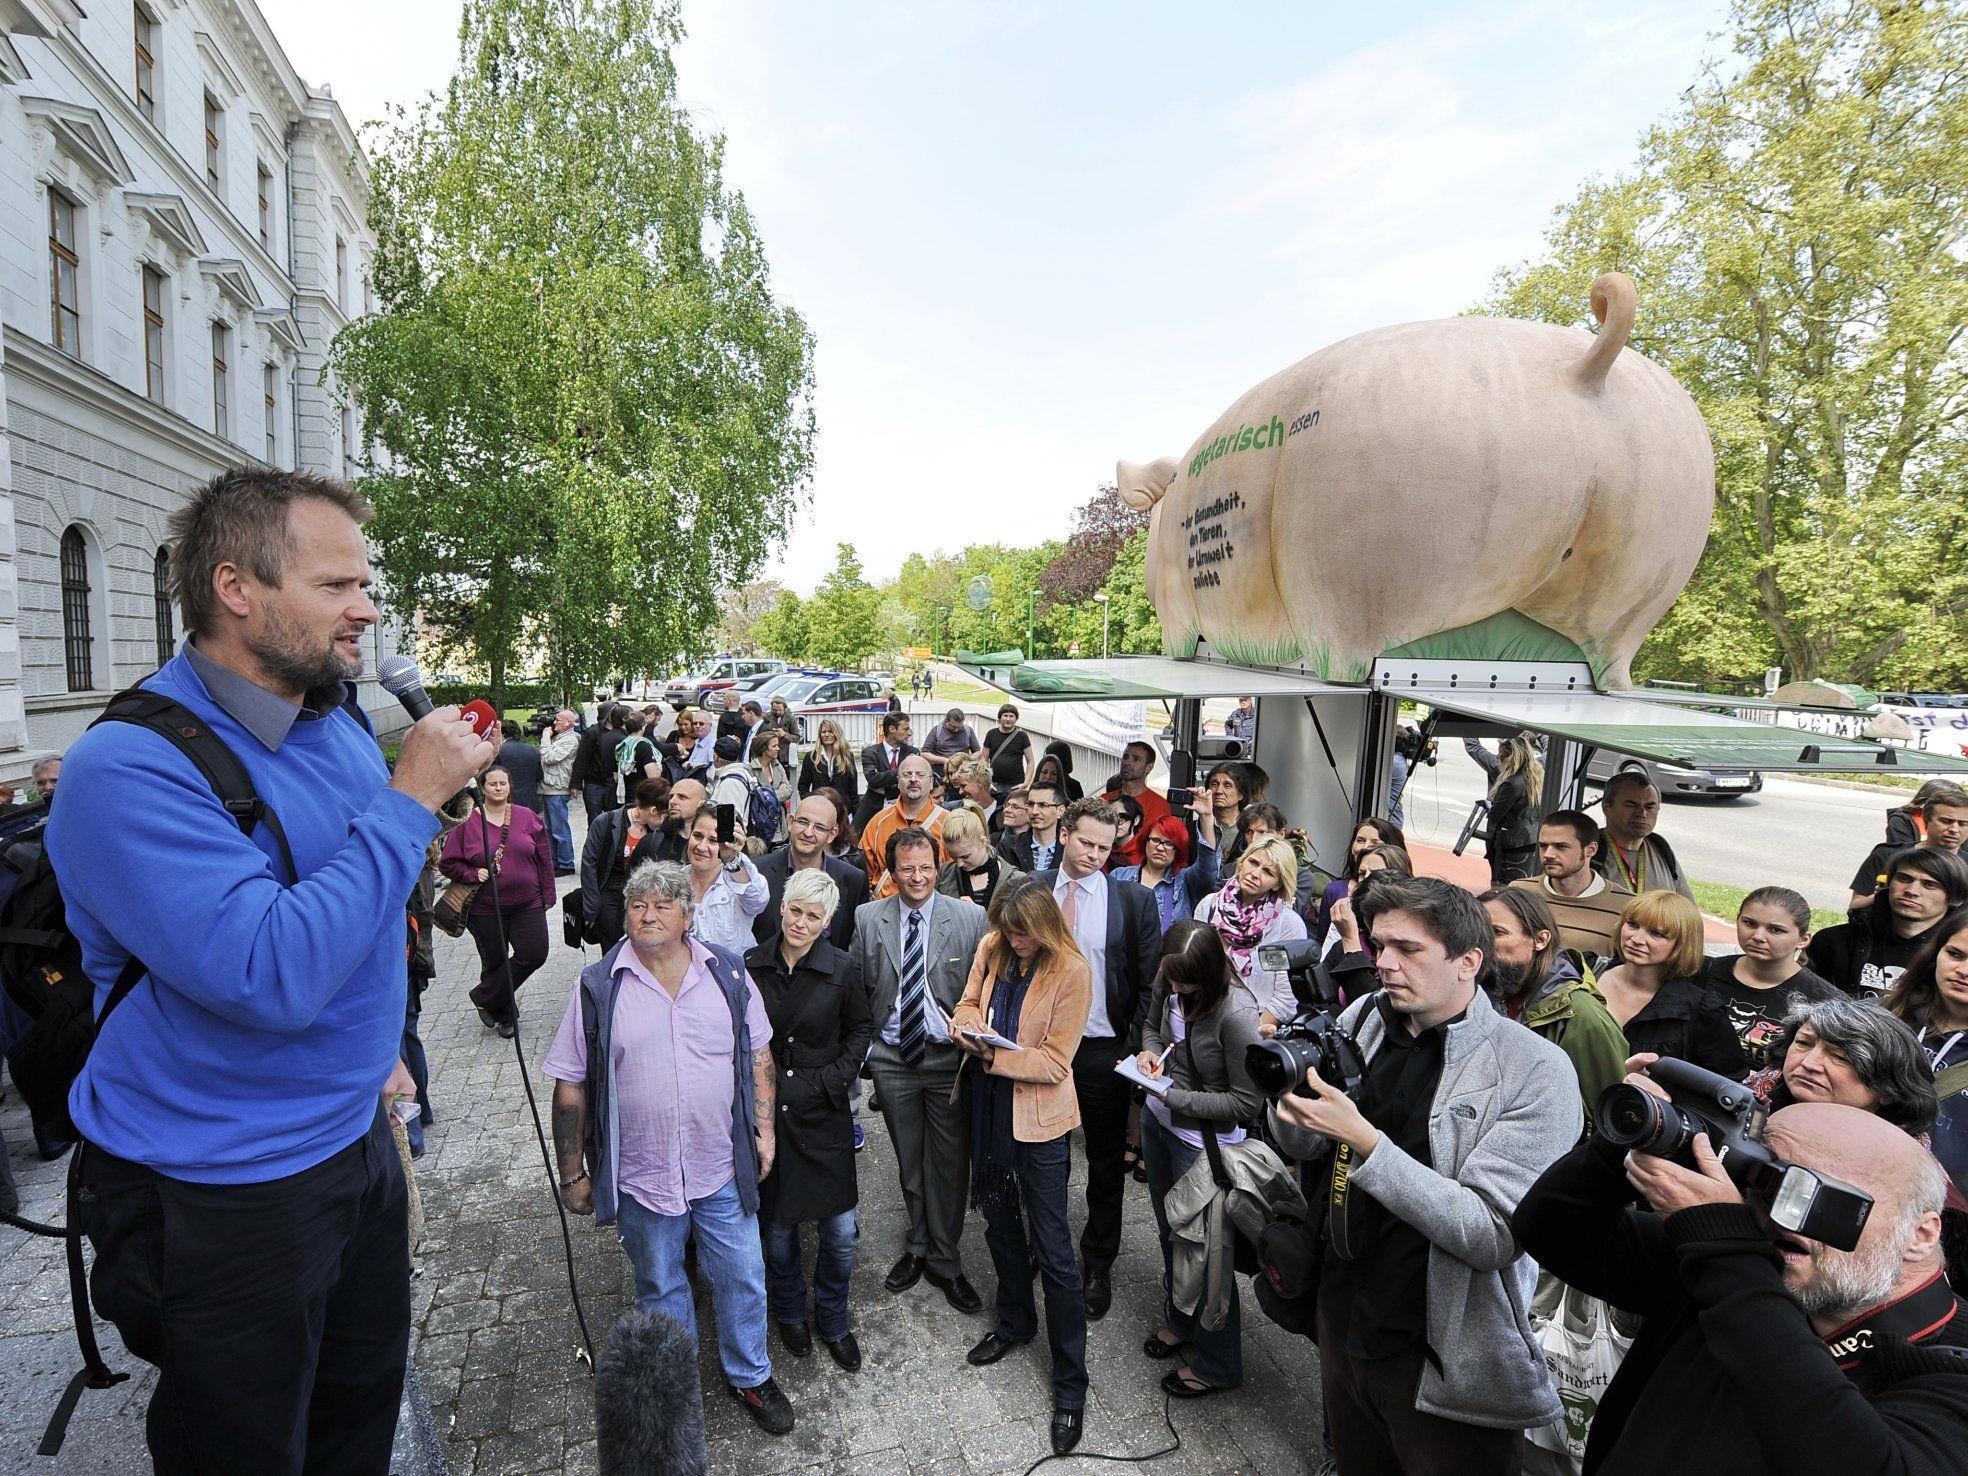 VGT Obmann Martin Balluch (l.) bei einer kurzen Rede vor dem Gerichtsgebäude nach der Urteilsverkündung im Prozess gegen 13 Tierschützer.